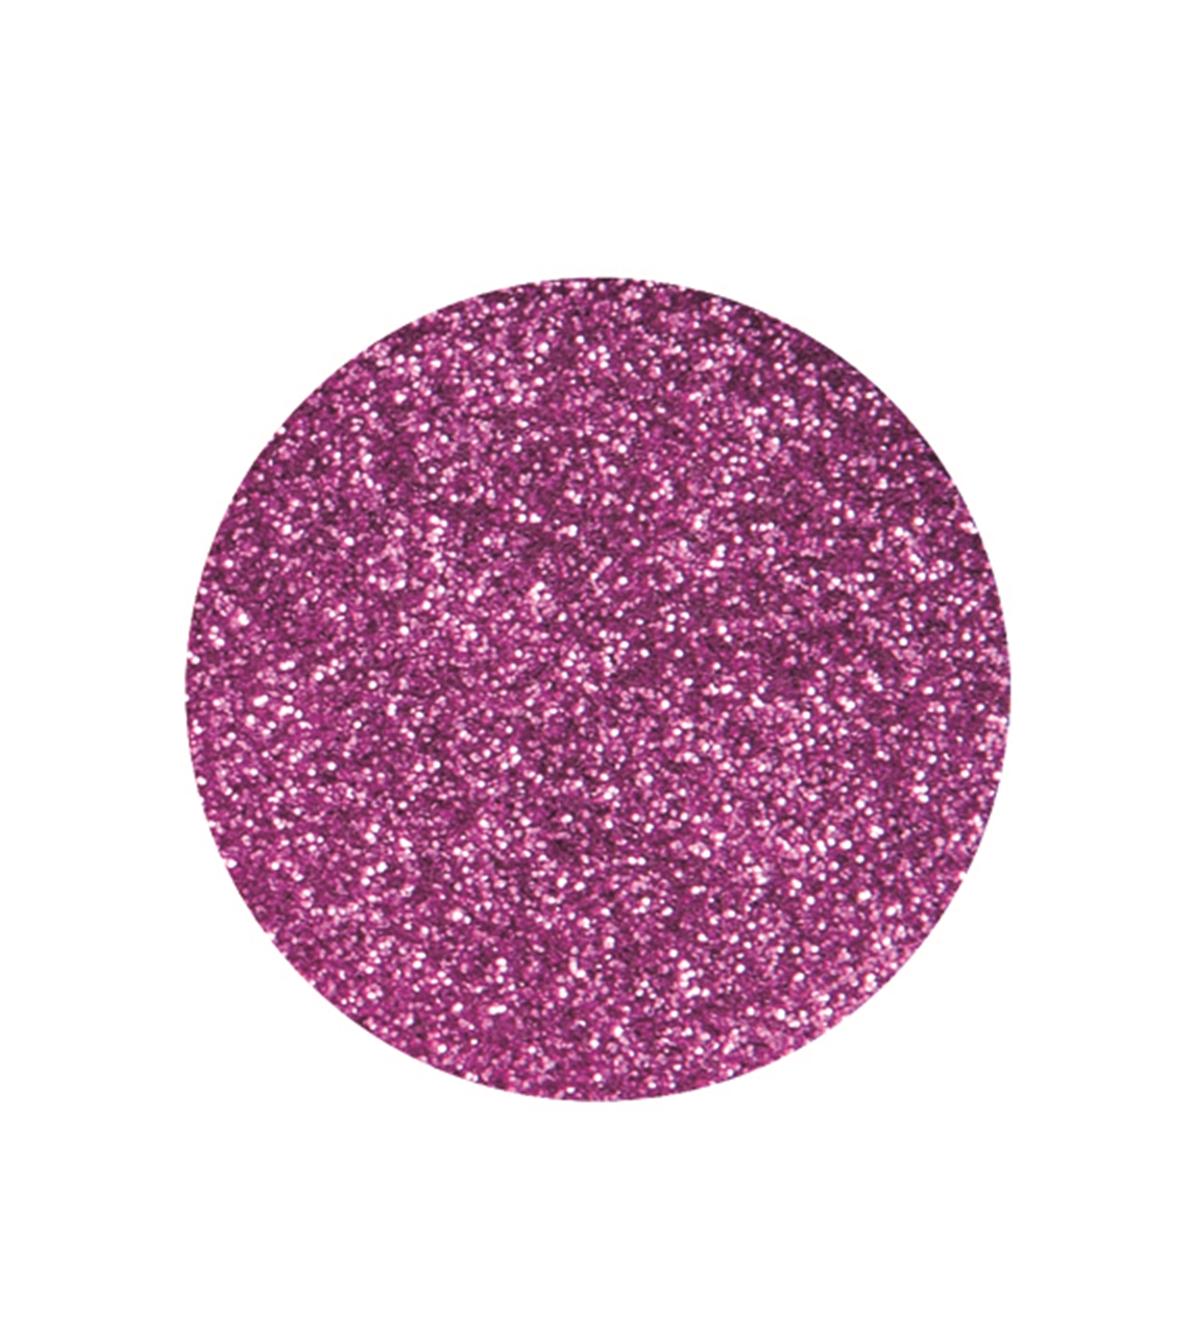 Boîte de 10 g de paillettes ultrafines - Coloris rose